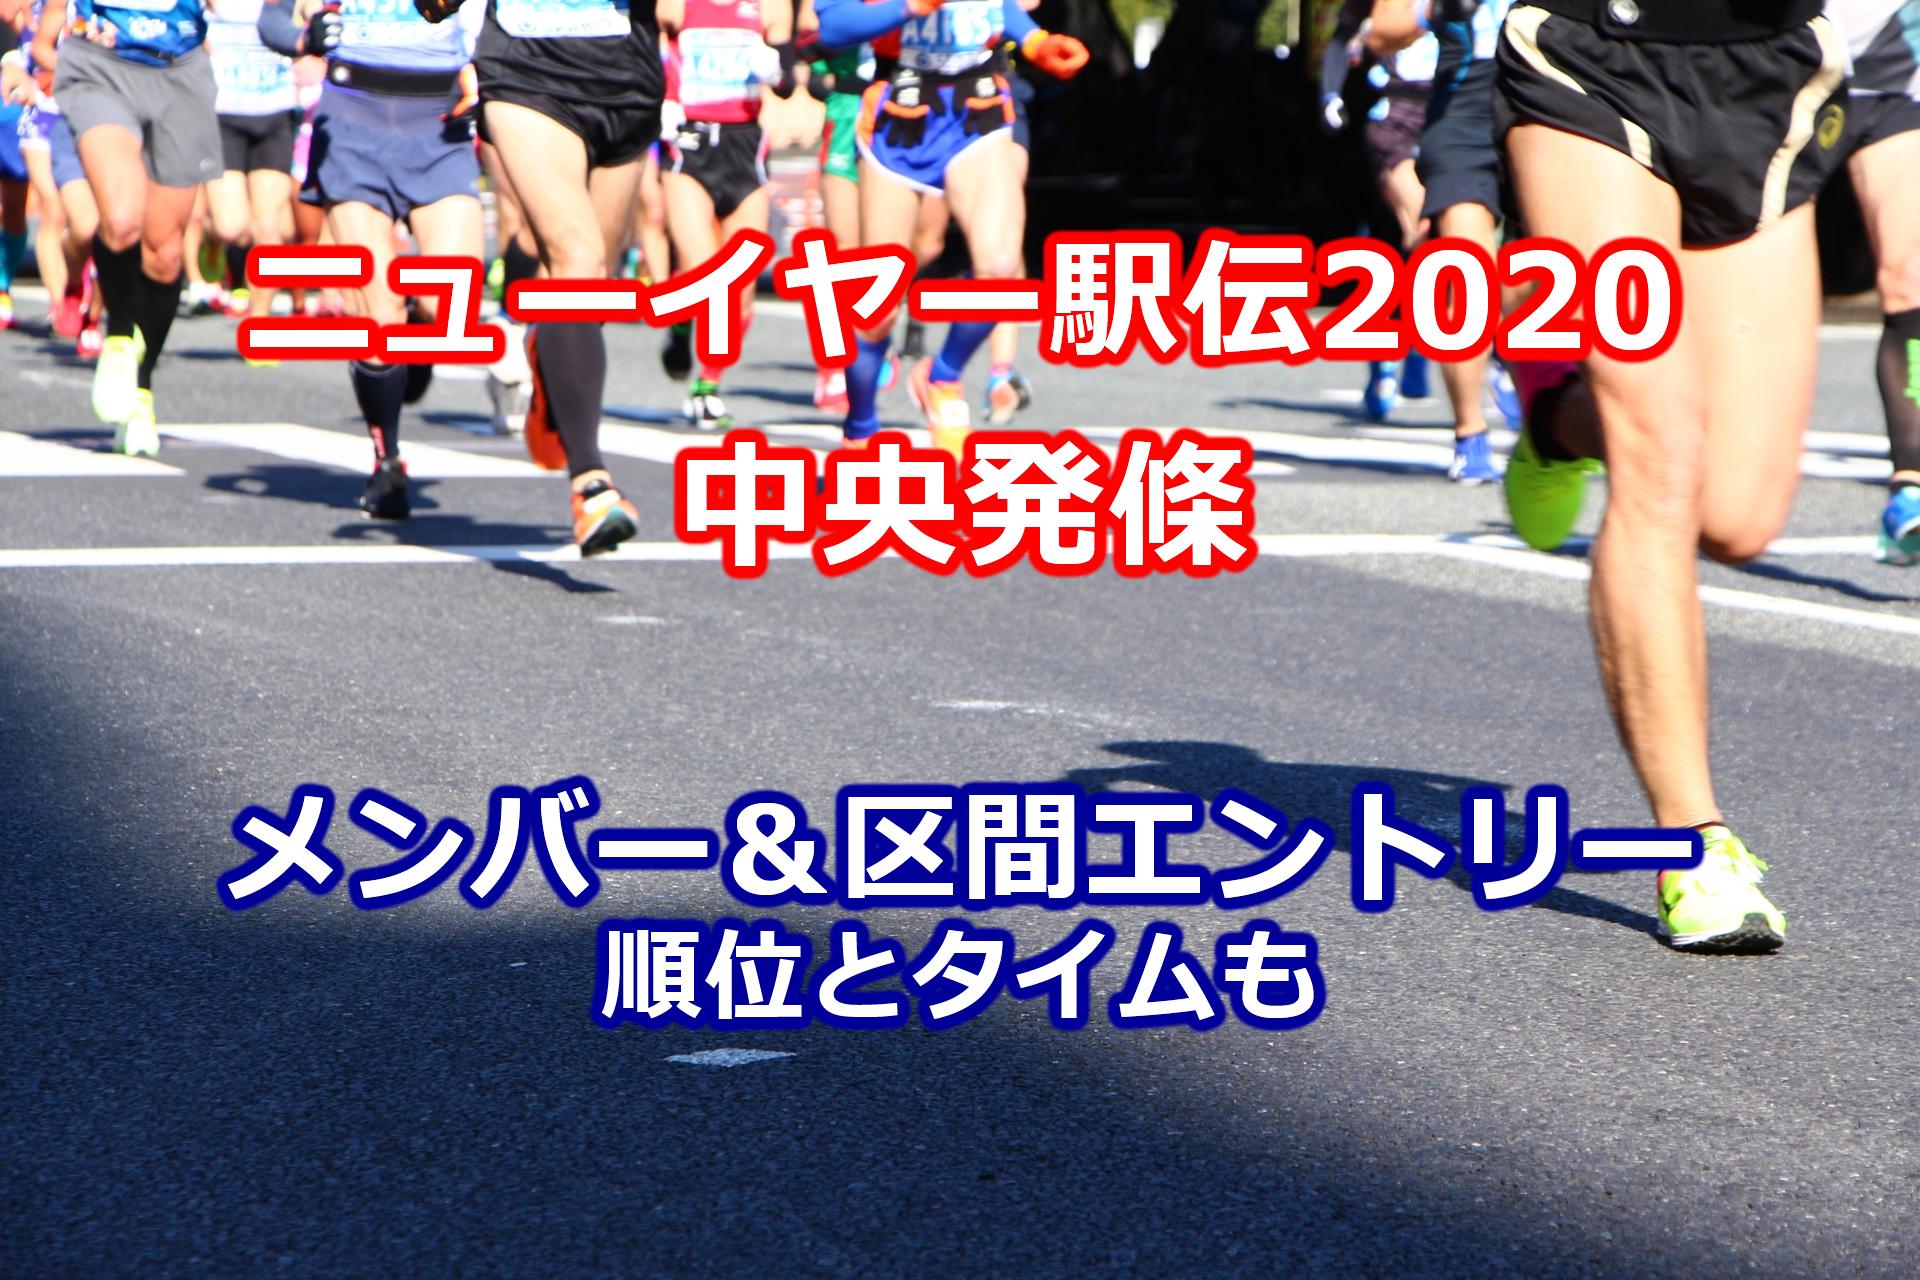 ニューイヤー駅伝2020中央発條メンバー・区間エントリー・結果・順位・タイムまとめ